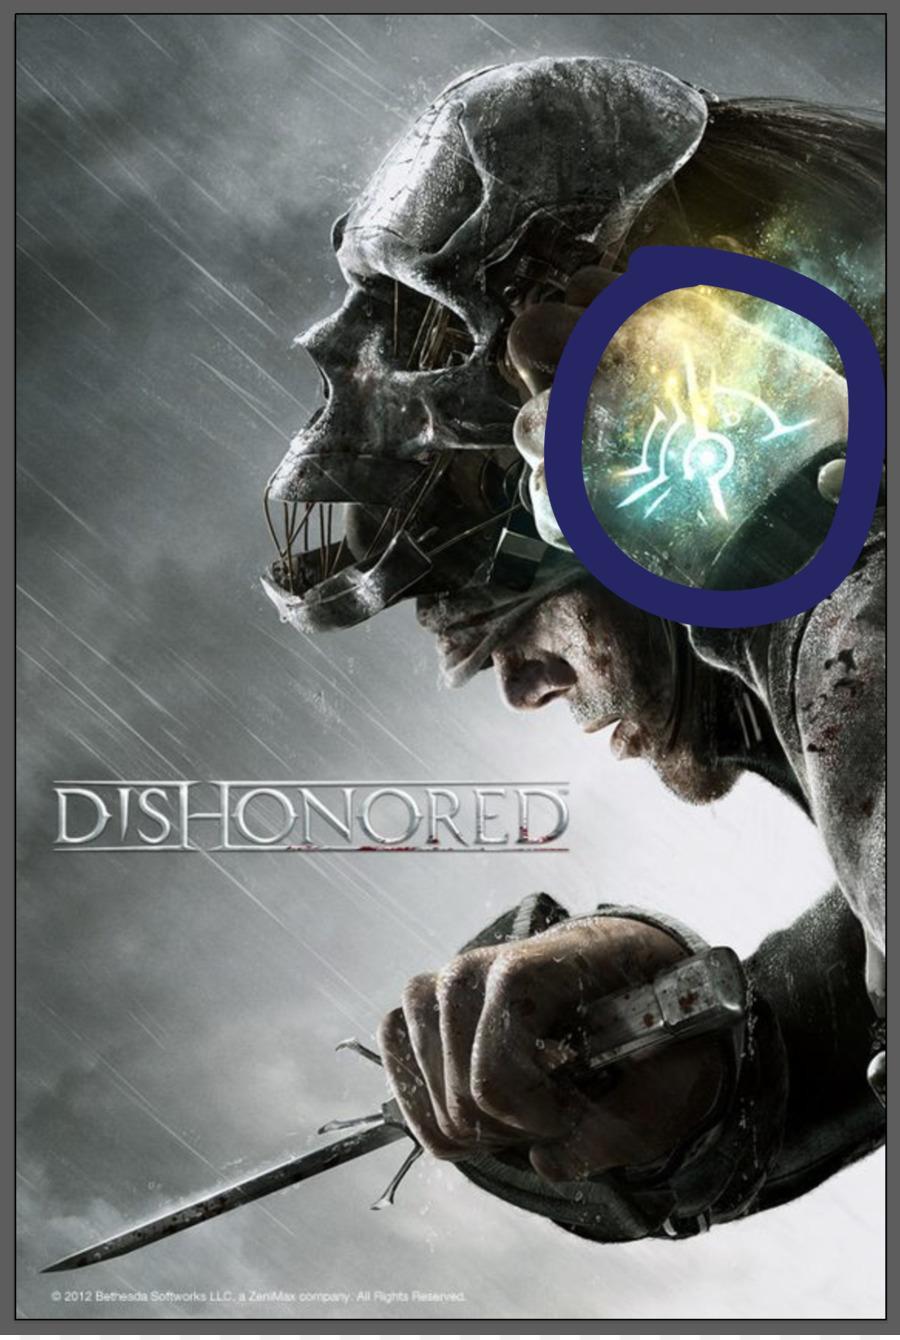 dishonored 2 desktop wallpaper mobile phones wallpaper - dishonoured